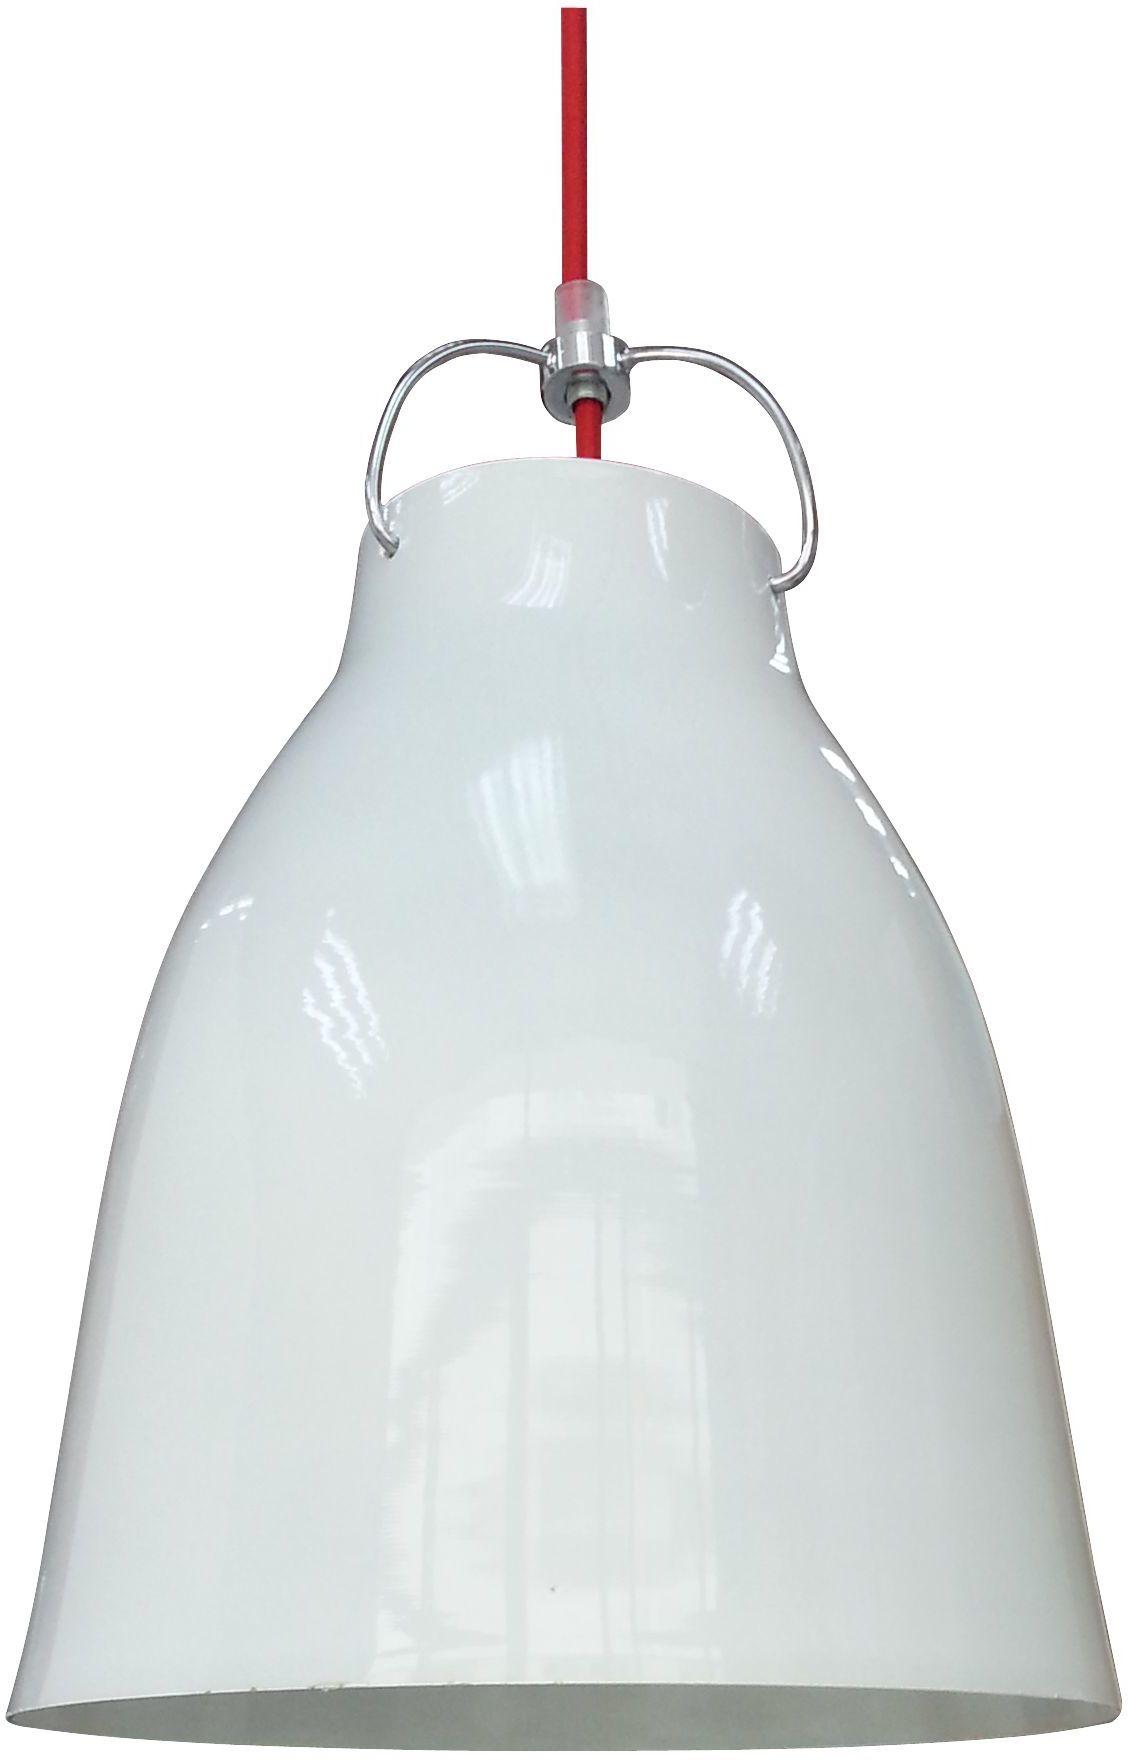 Candellux PENSILVANIA 31-20253 lampa wisząca metalowy klosz biały 1X60W E27 25cm